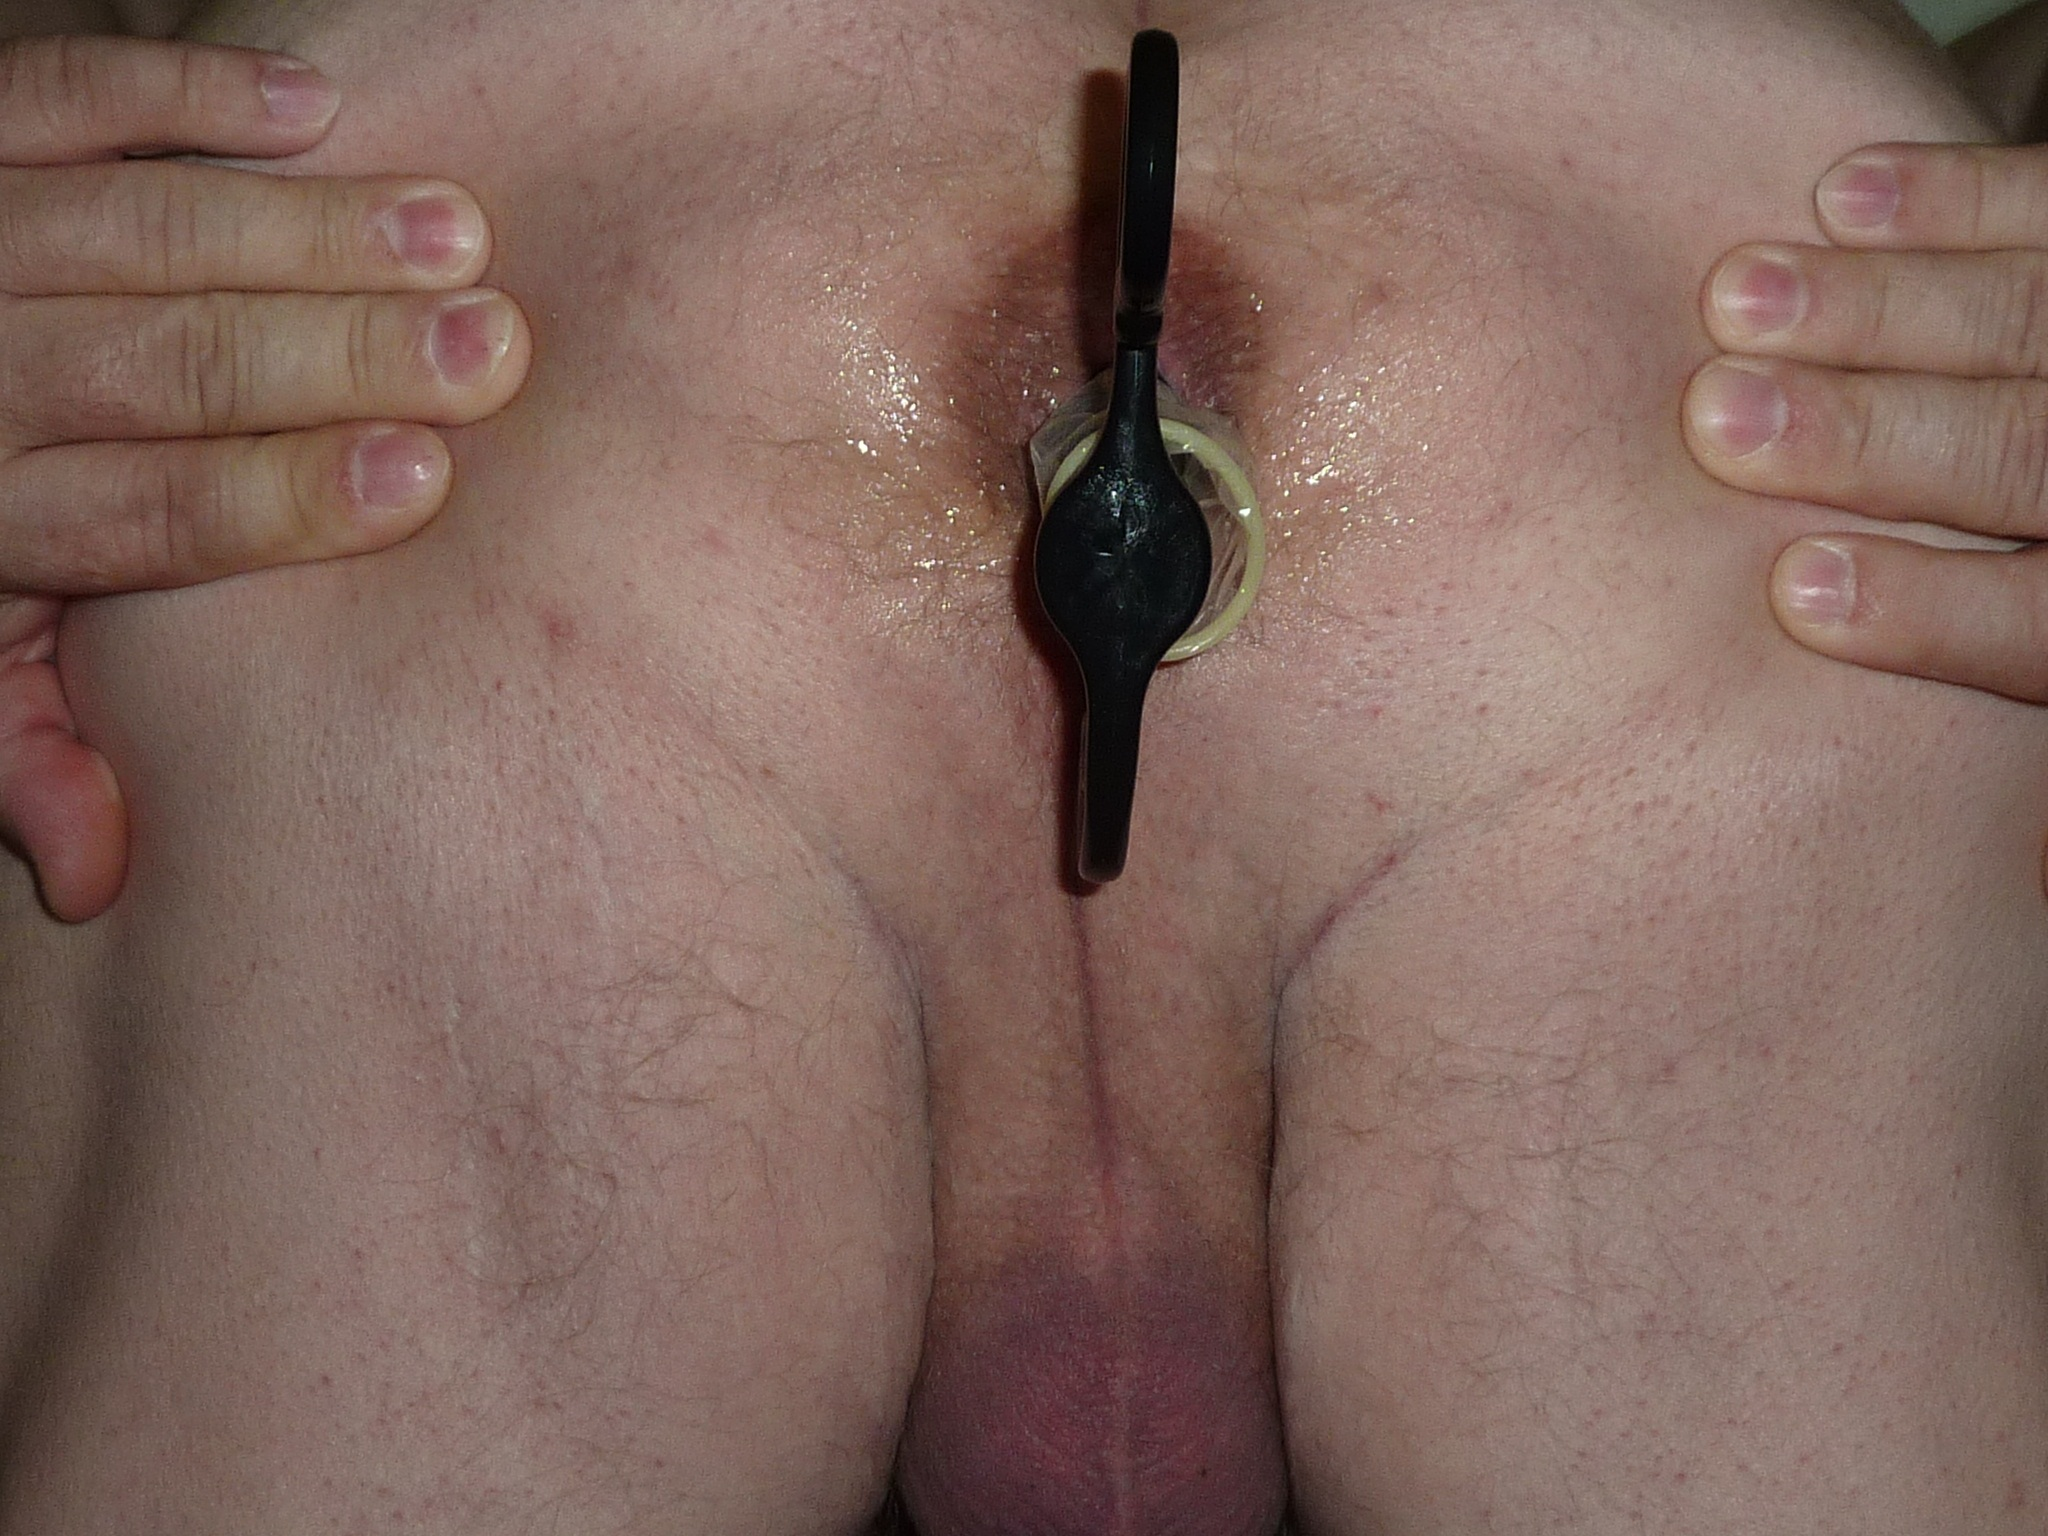 prostatamassage bilder vibrator benutzen